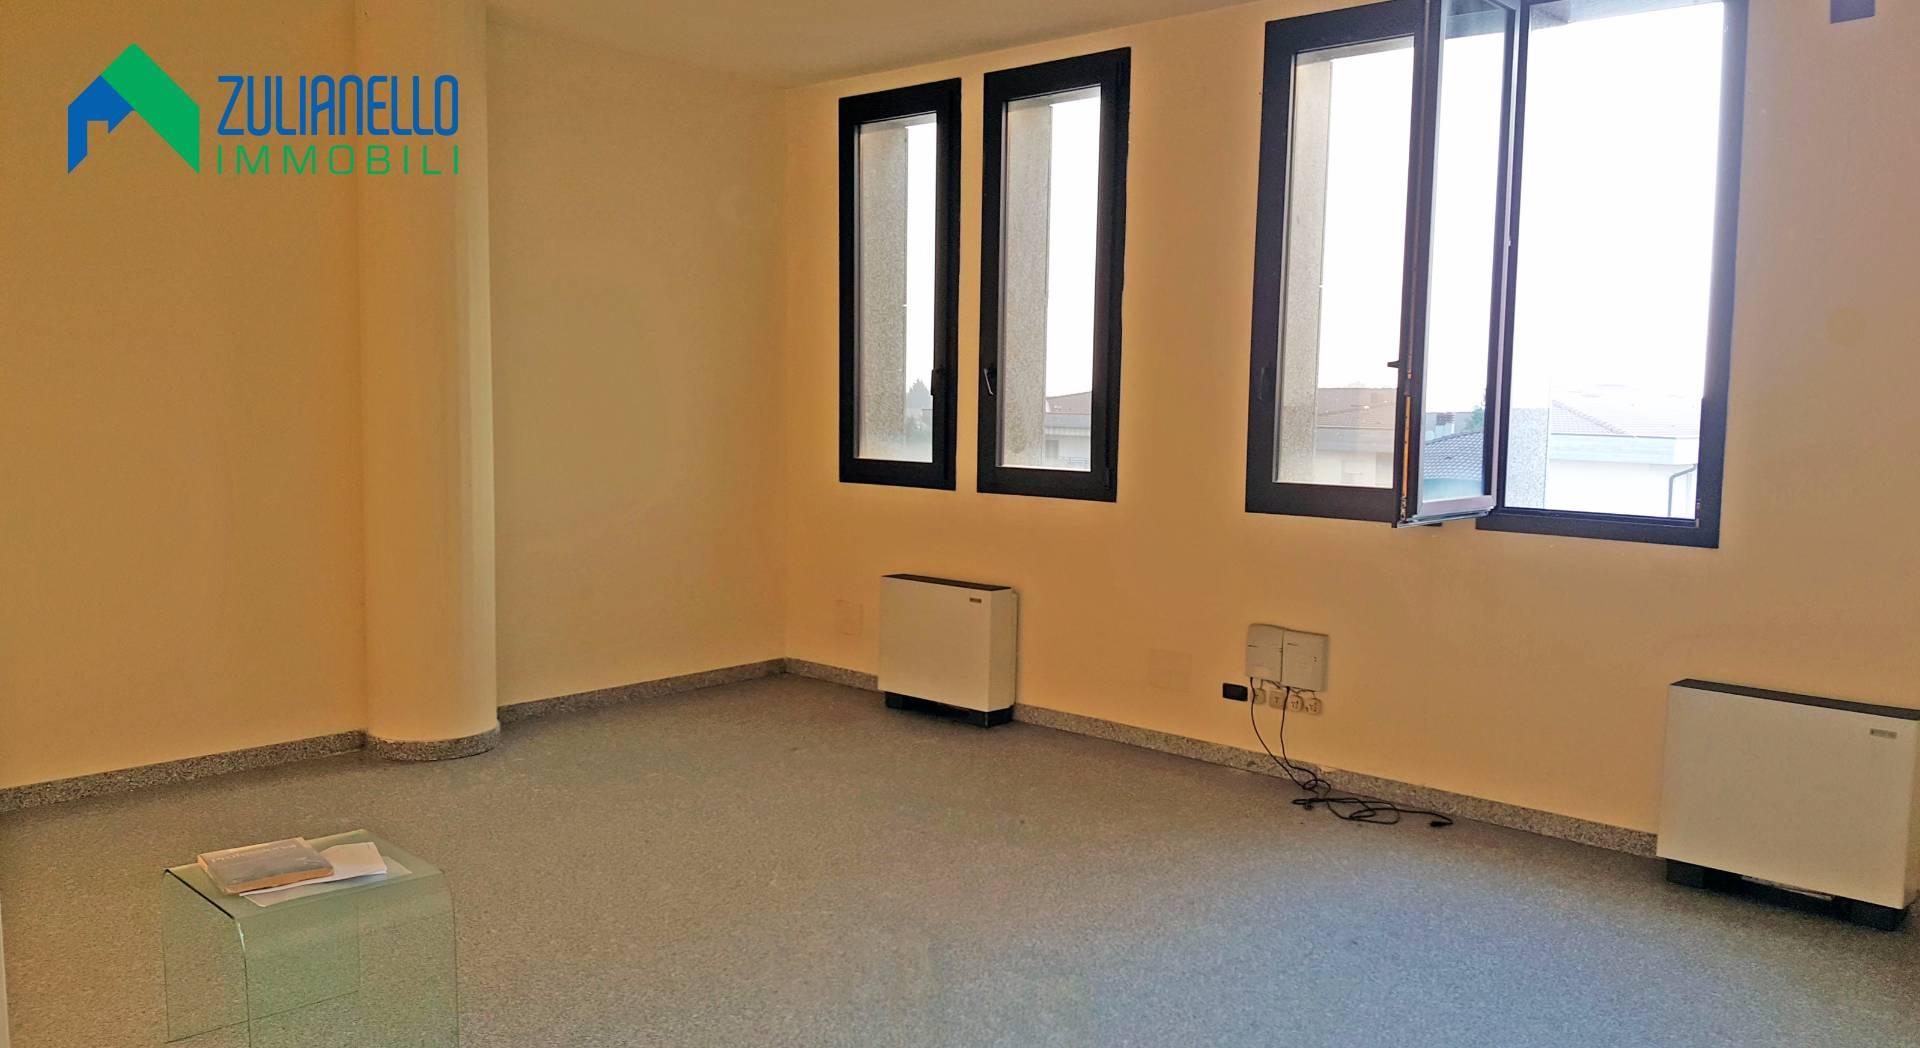 Rif 1711 ufficio in vendita a quarto d 39 altino for Visma arredo quarto d altino